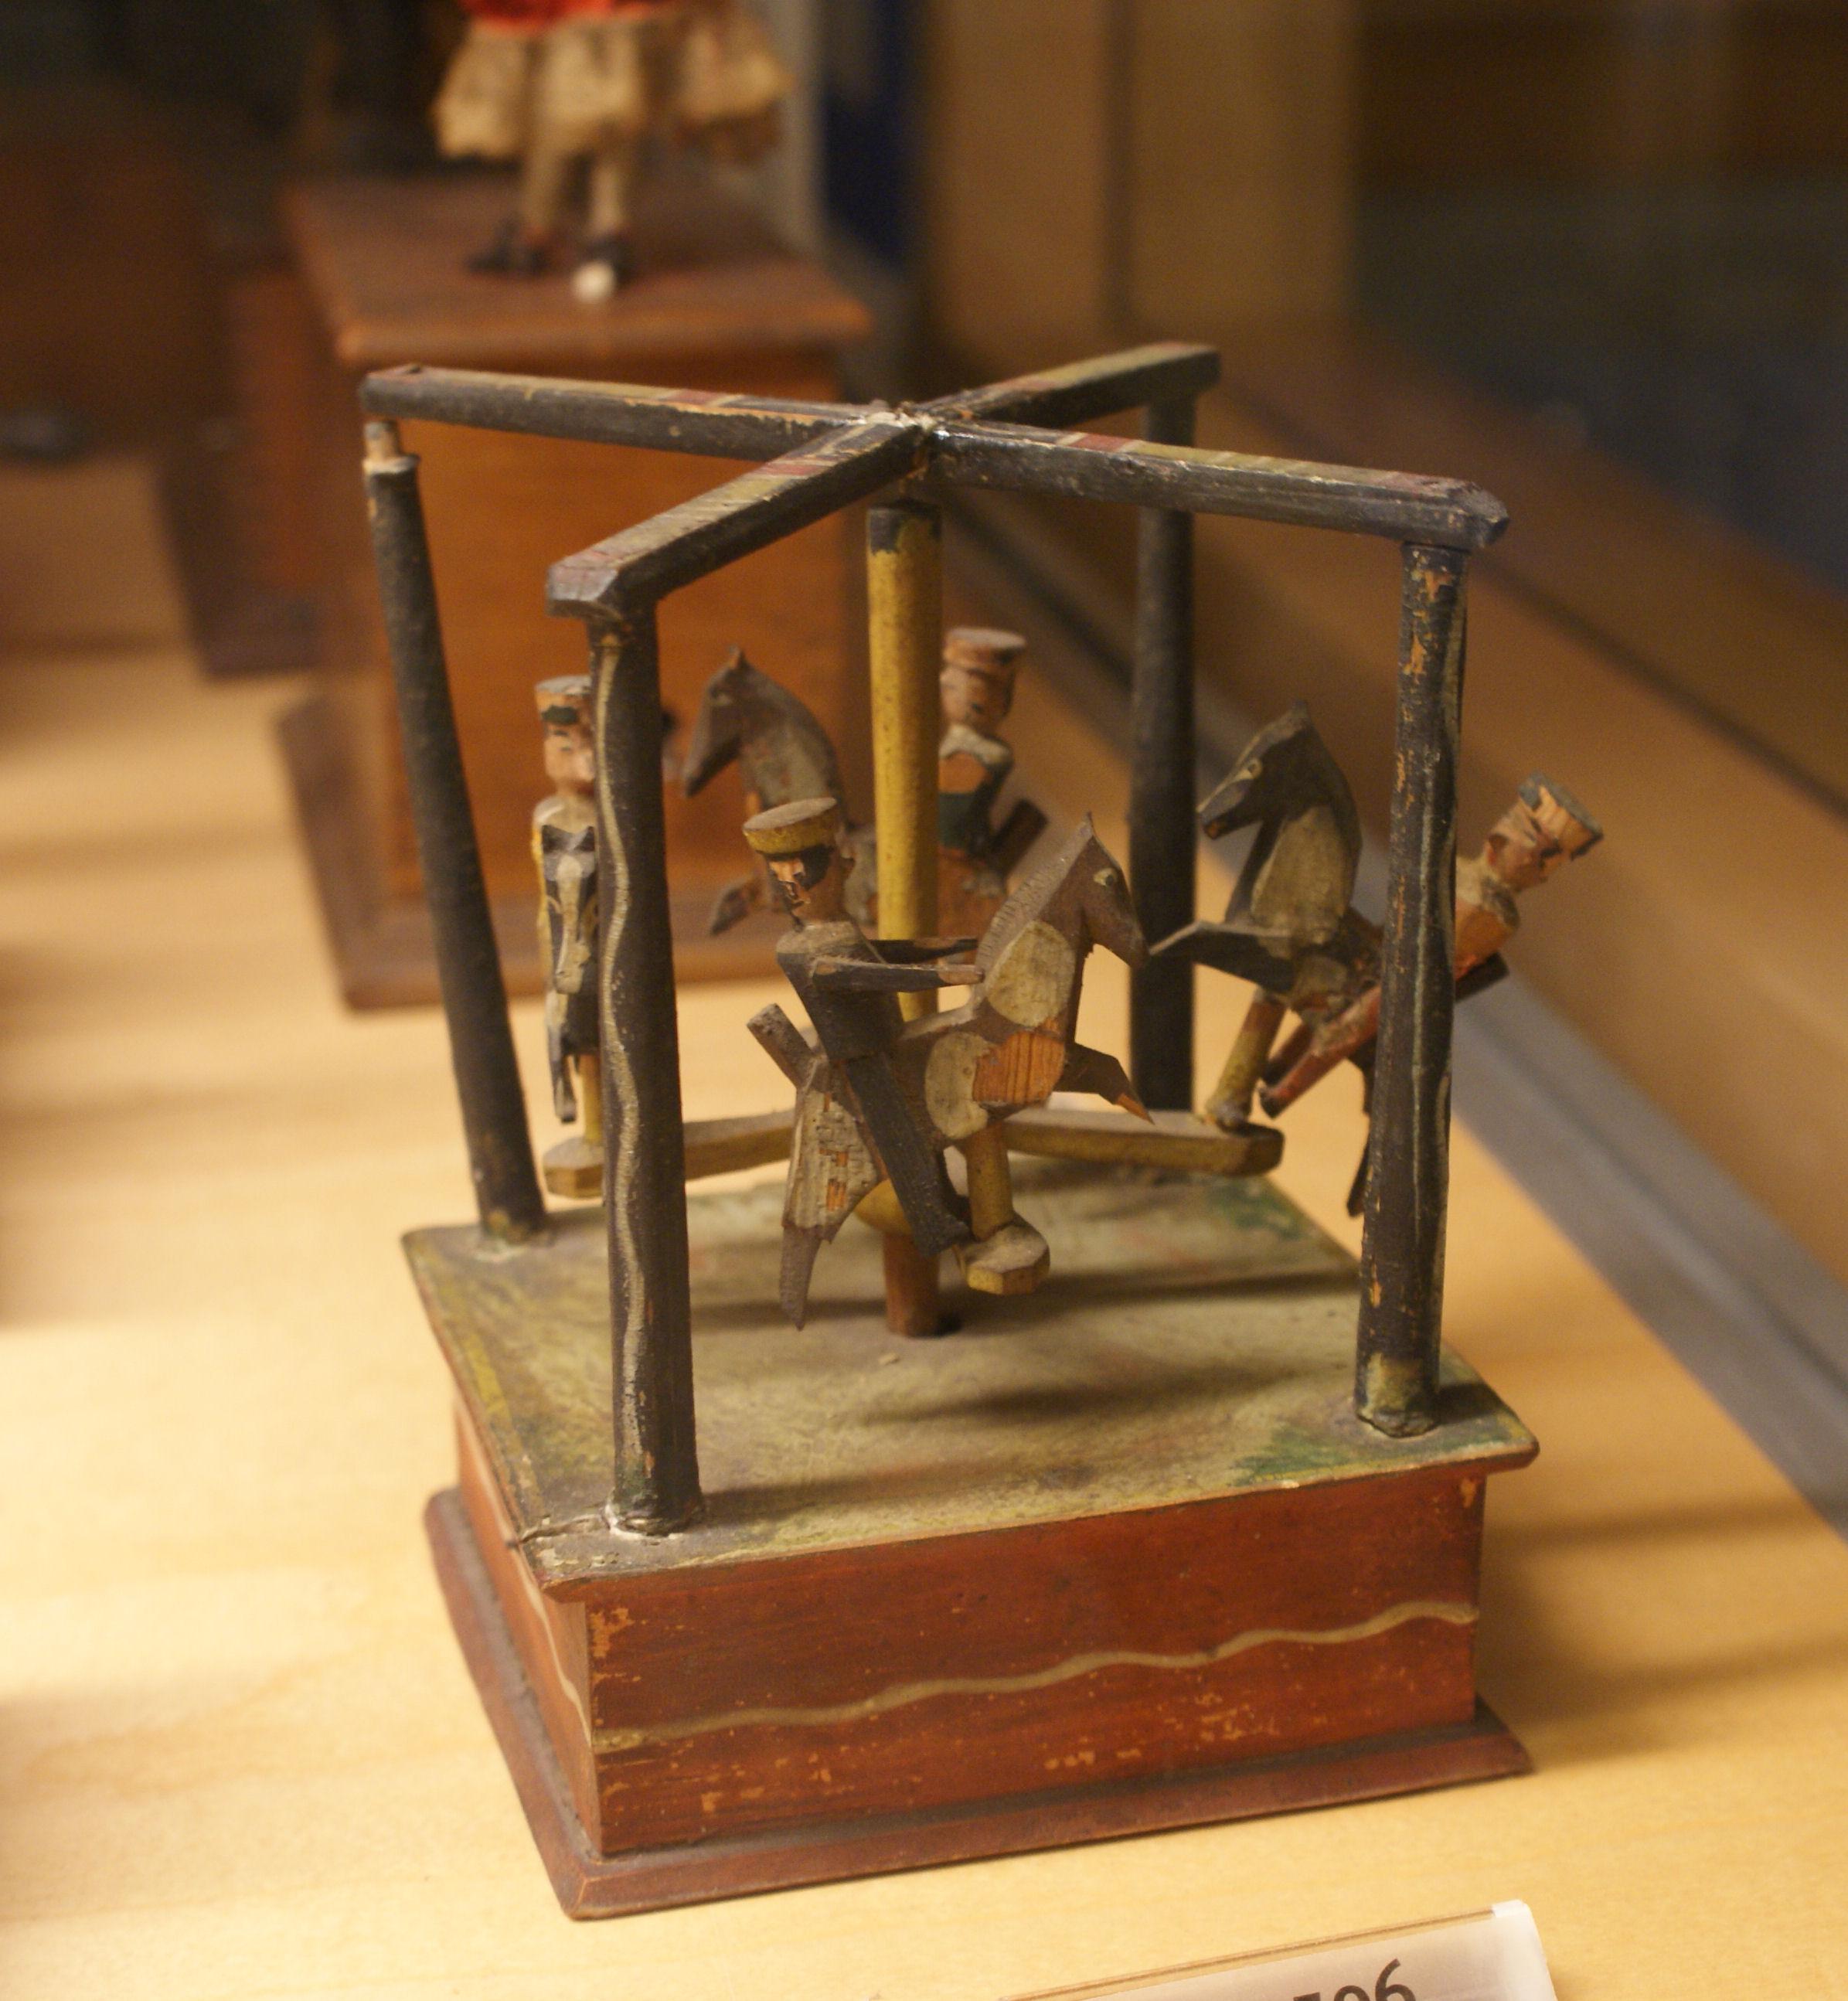 Mechanical Toy Wikipedia